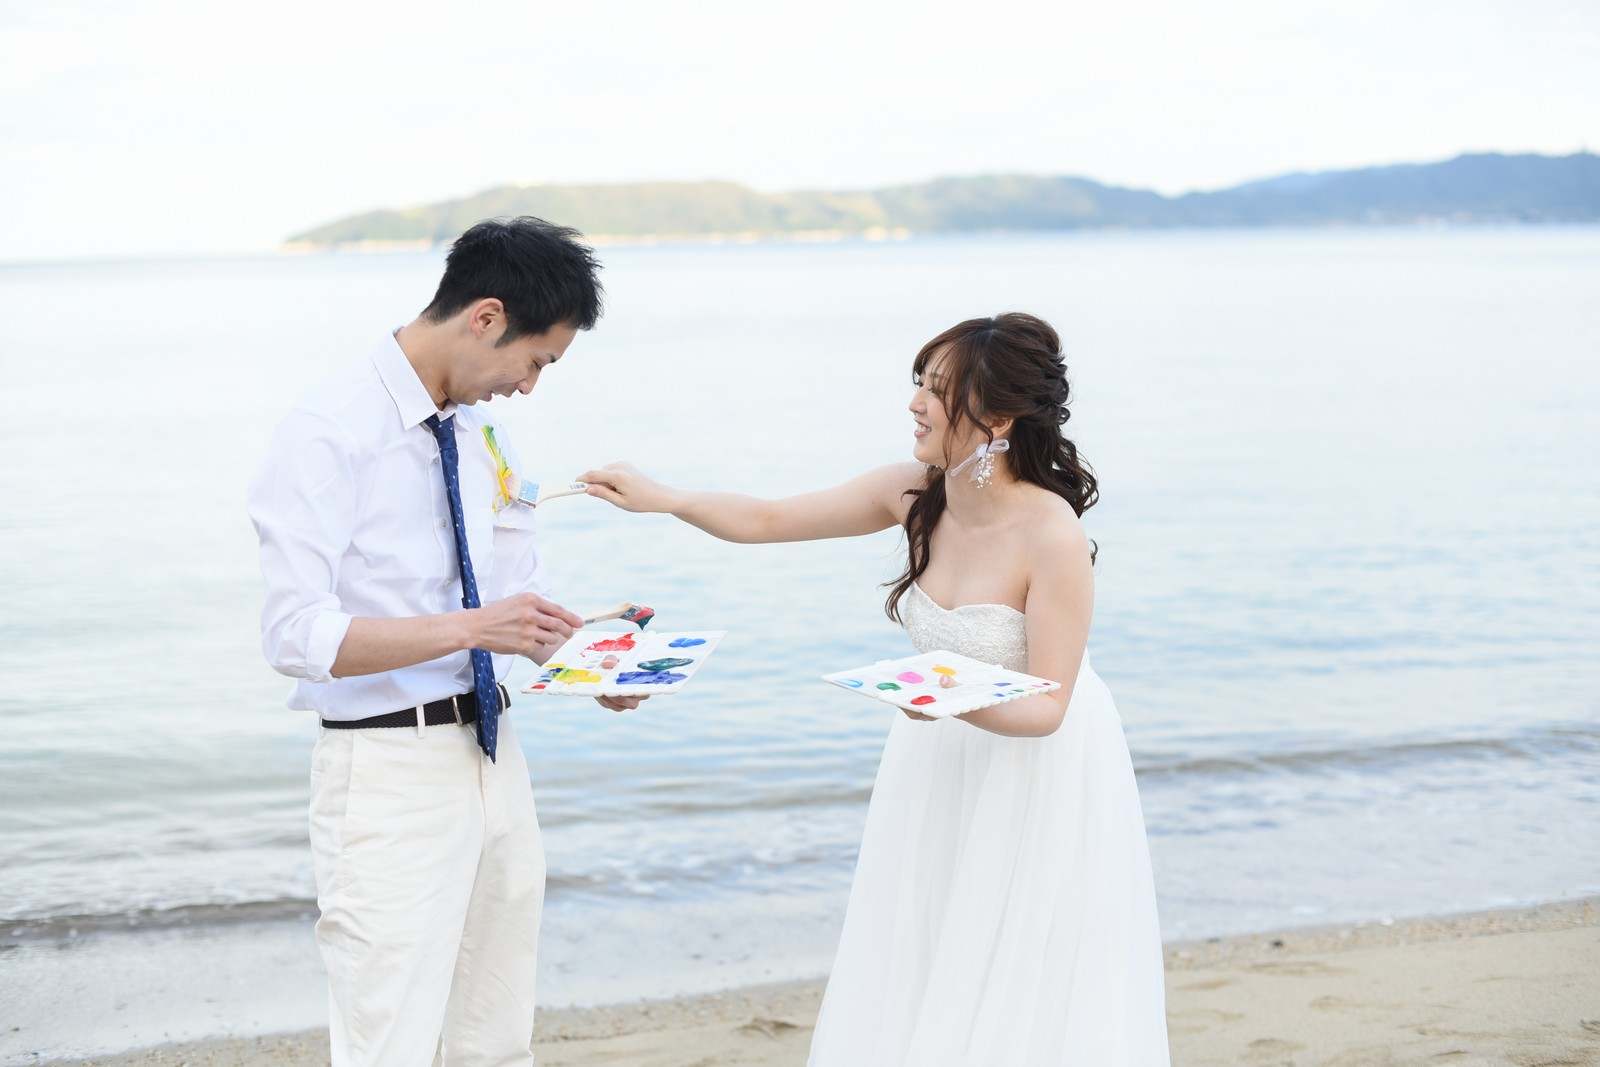 高松市の結婚式場アイルバレクラブの海で前写し